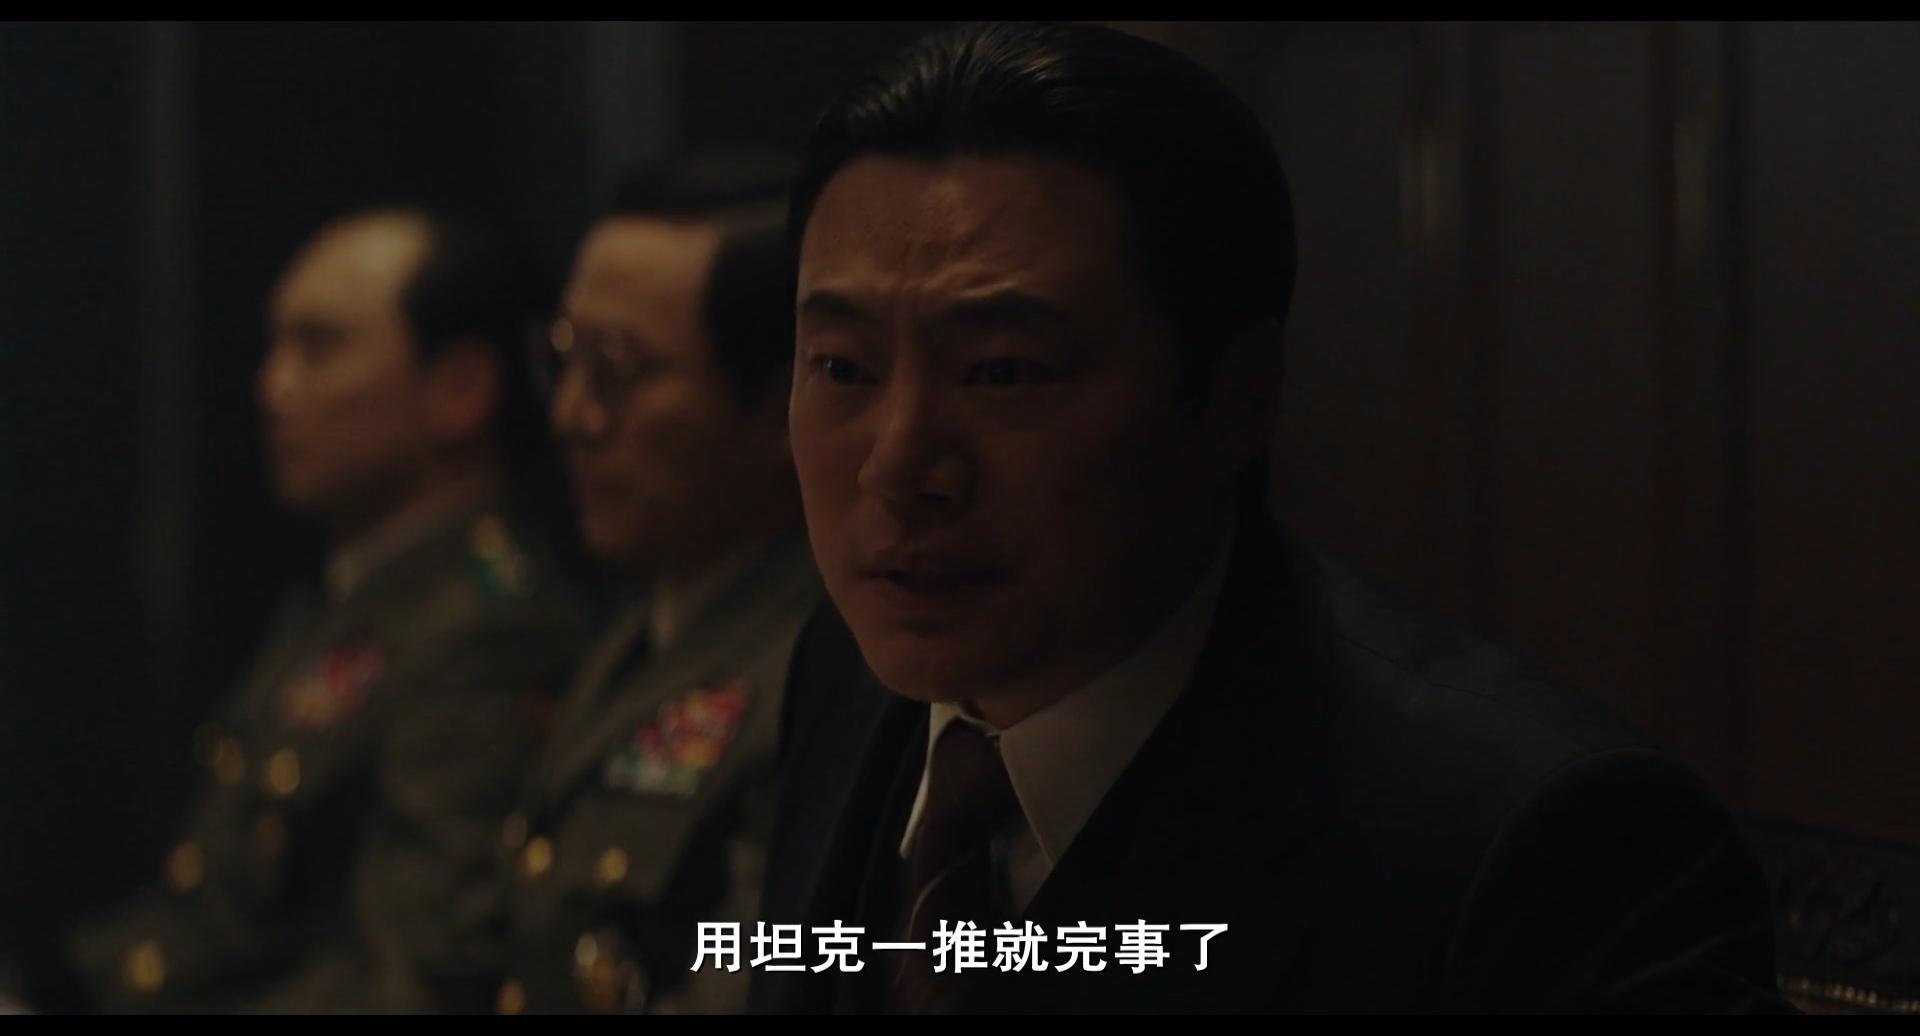 韩国政治悬疑电影《南山的部长们》揭露出的政治丑闻和黑暗的历史 (2)